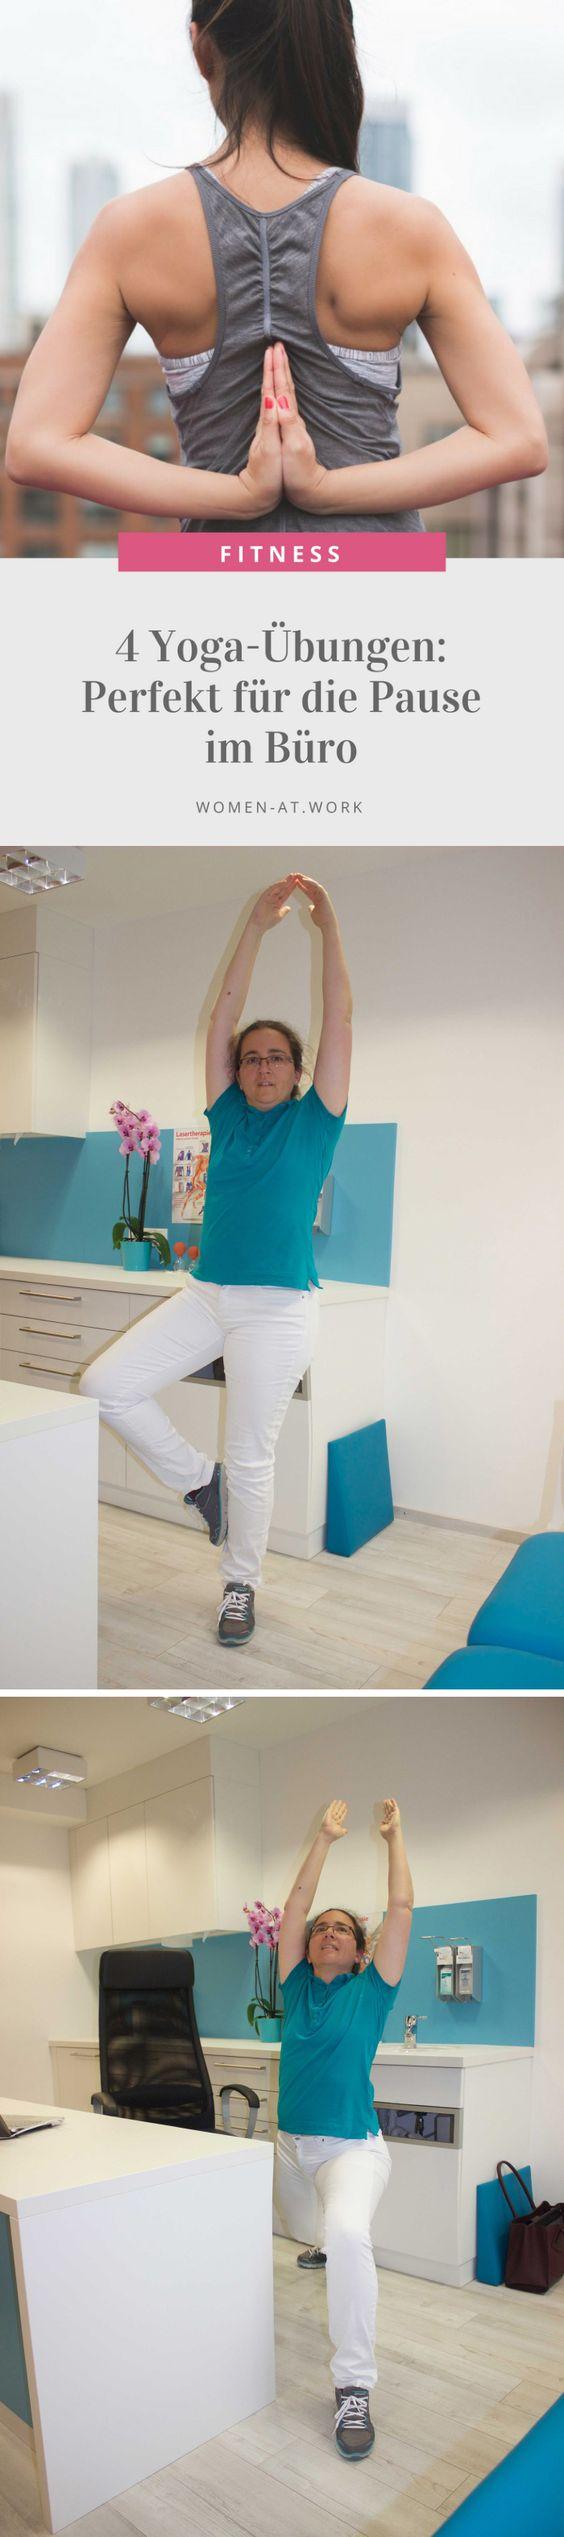 Therapeutisches Yoga kann die Behandlung von verschiedenen Erkrankungen unterstützen, besonders nützlich ist es aber auch in der Vorbeugung von Erkrankungen, Stress und Überbelastungssituationen. Besonders diese Eigenschaft können wir uns auch im Arbeitsalltag zunutze machen.